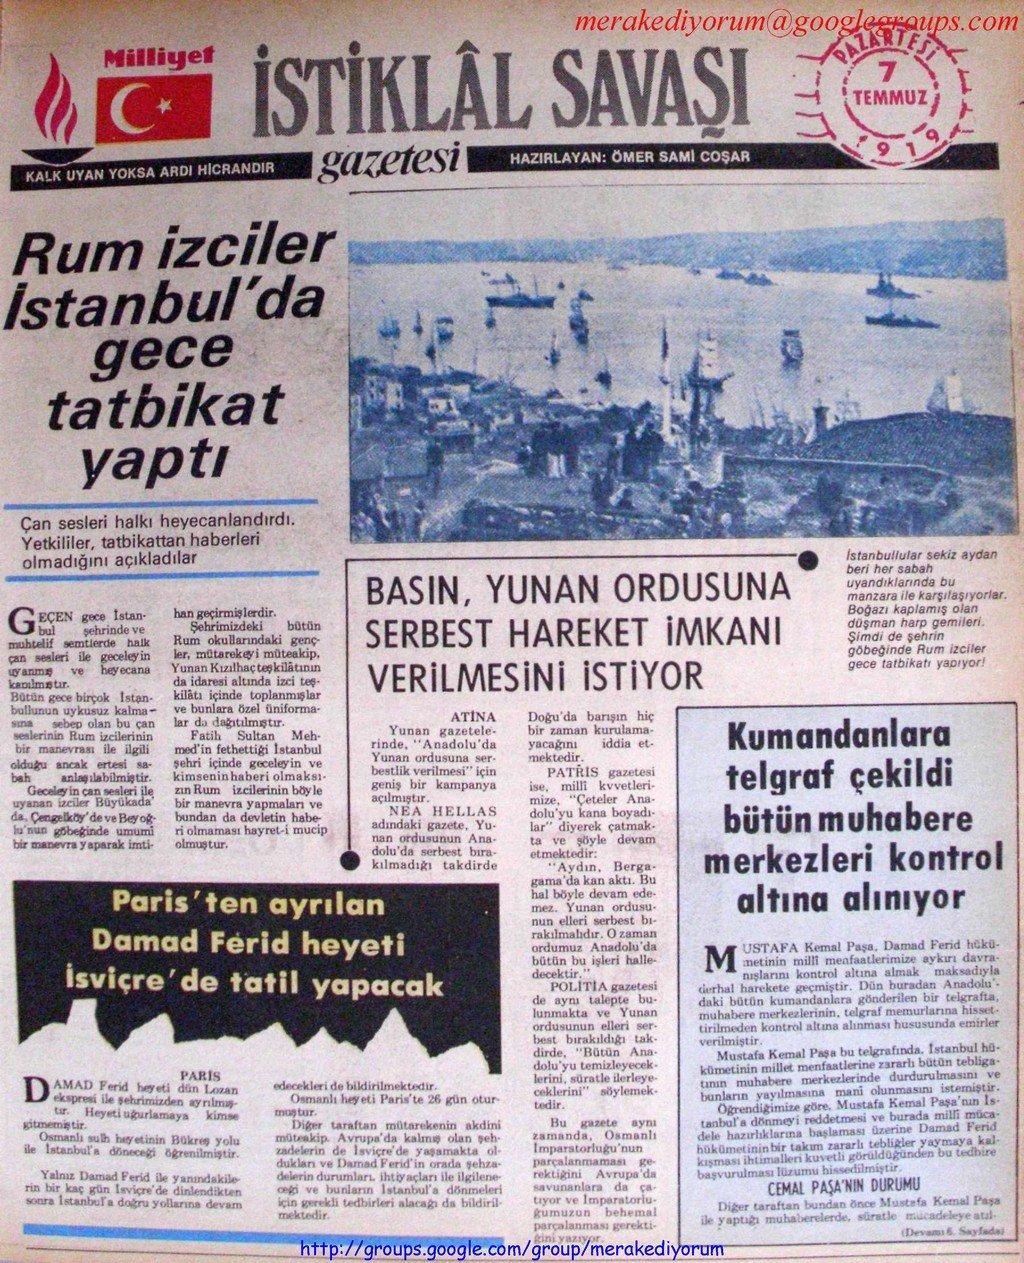 istiklal savaşı gazetesi - 7 temmuz 1919